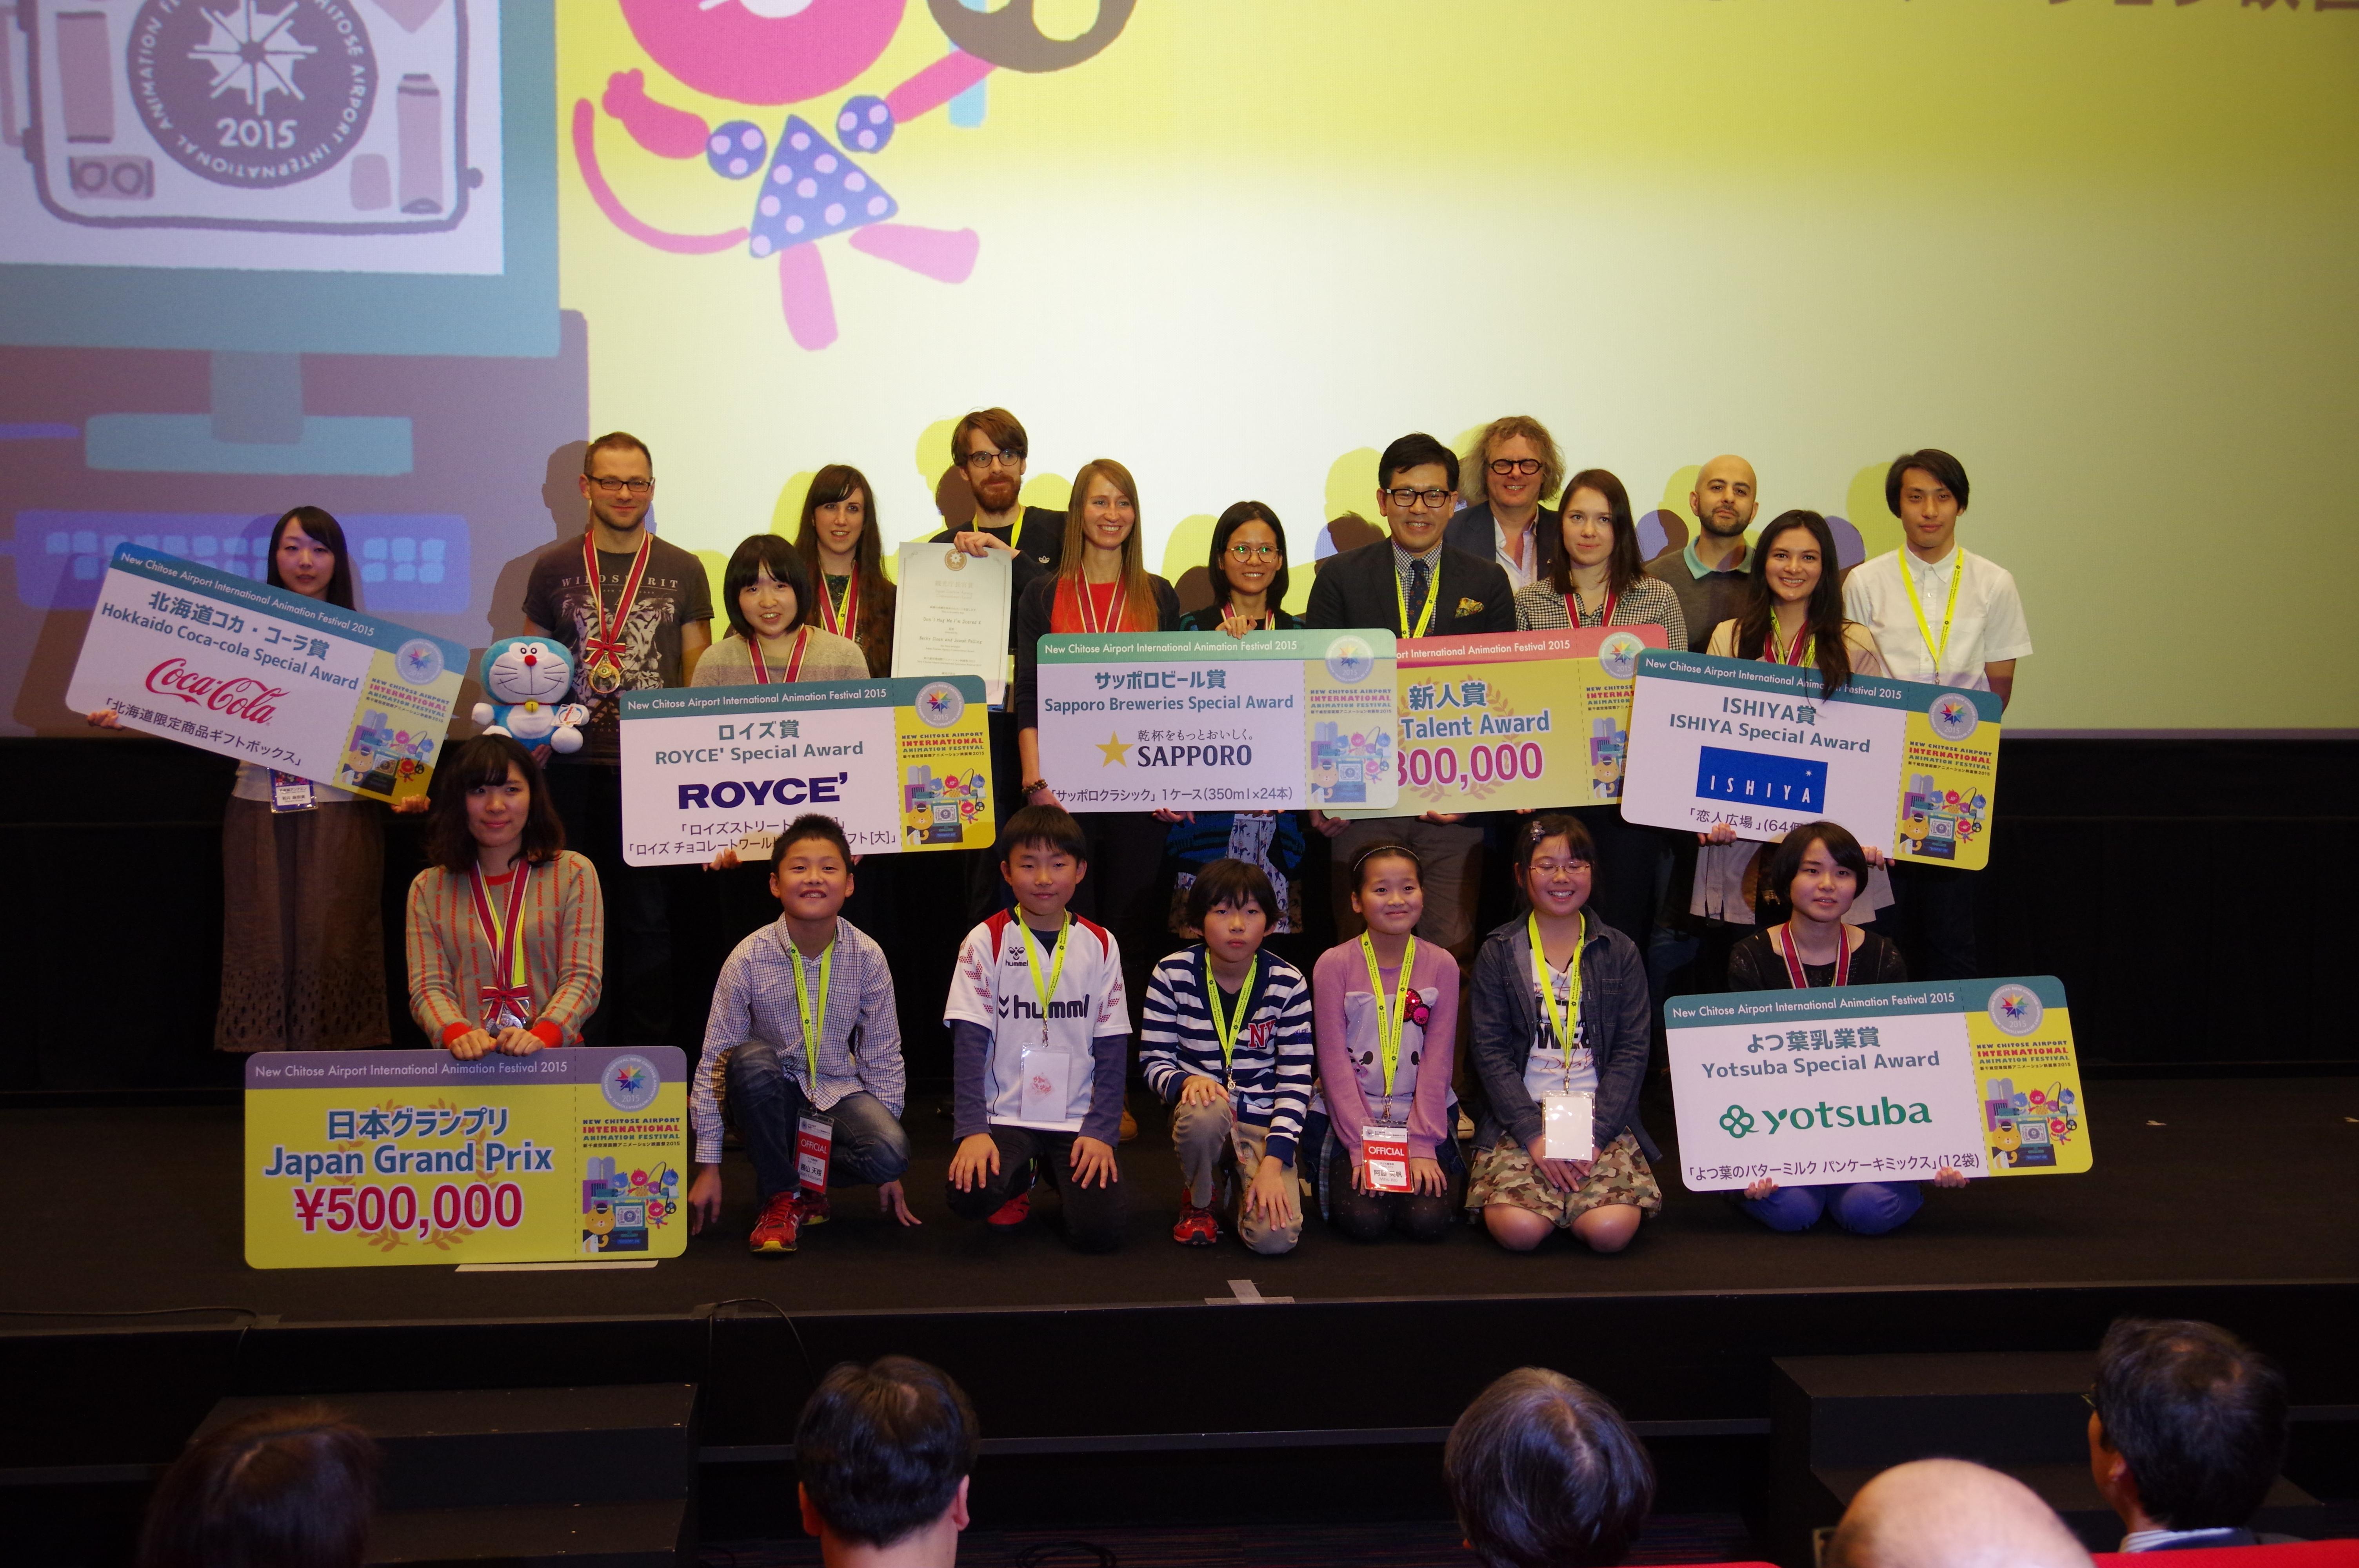 コンペティション受賞者と審査員の記念撮影IMGP5717.JPG